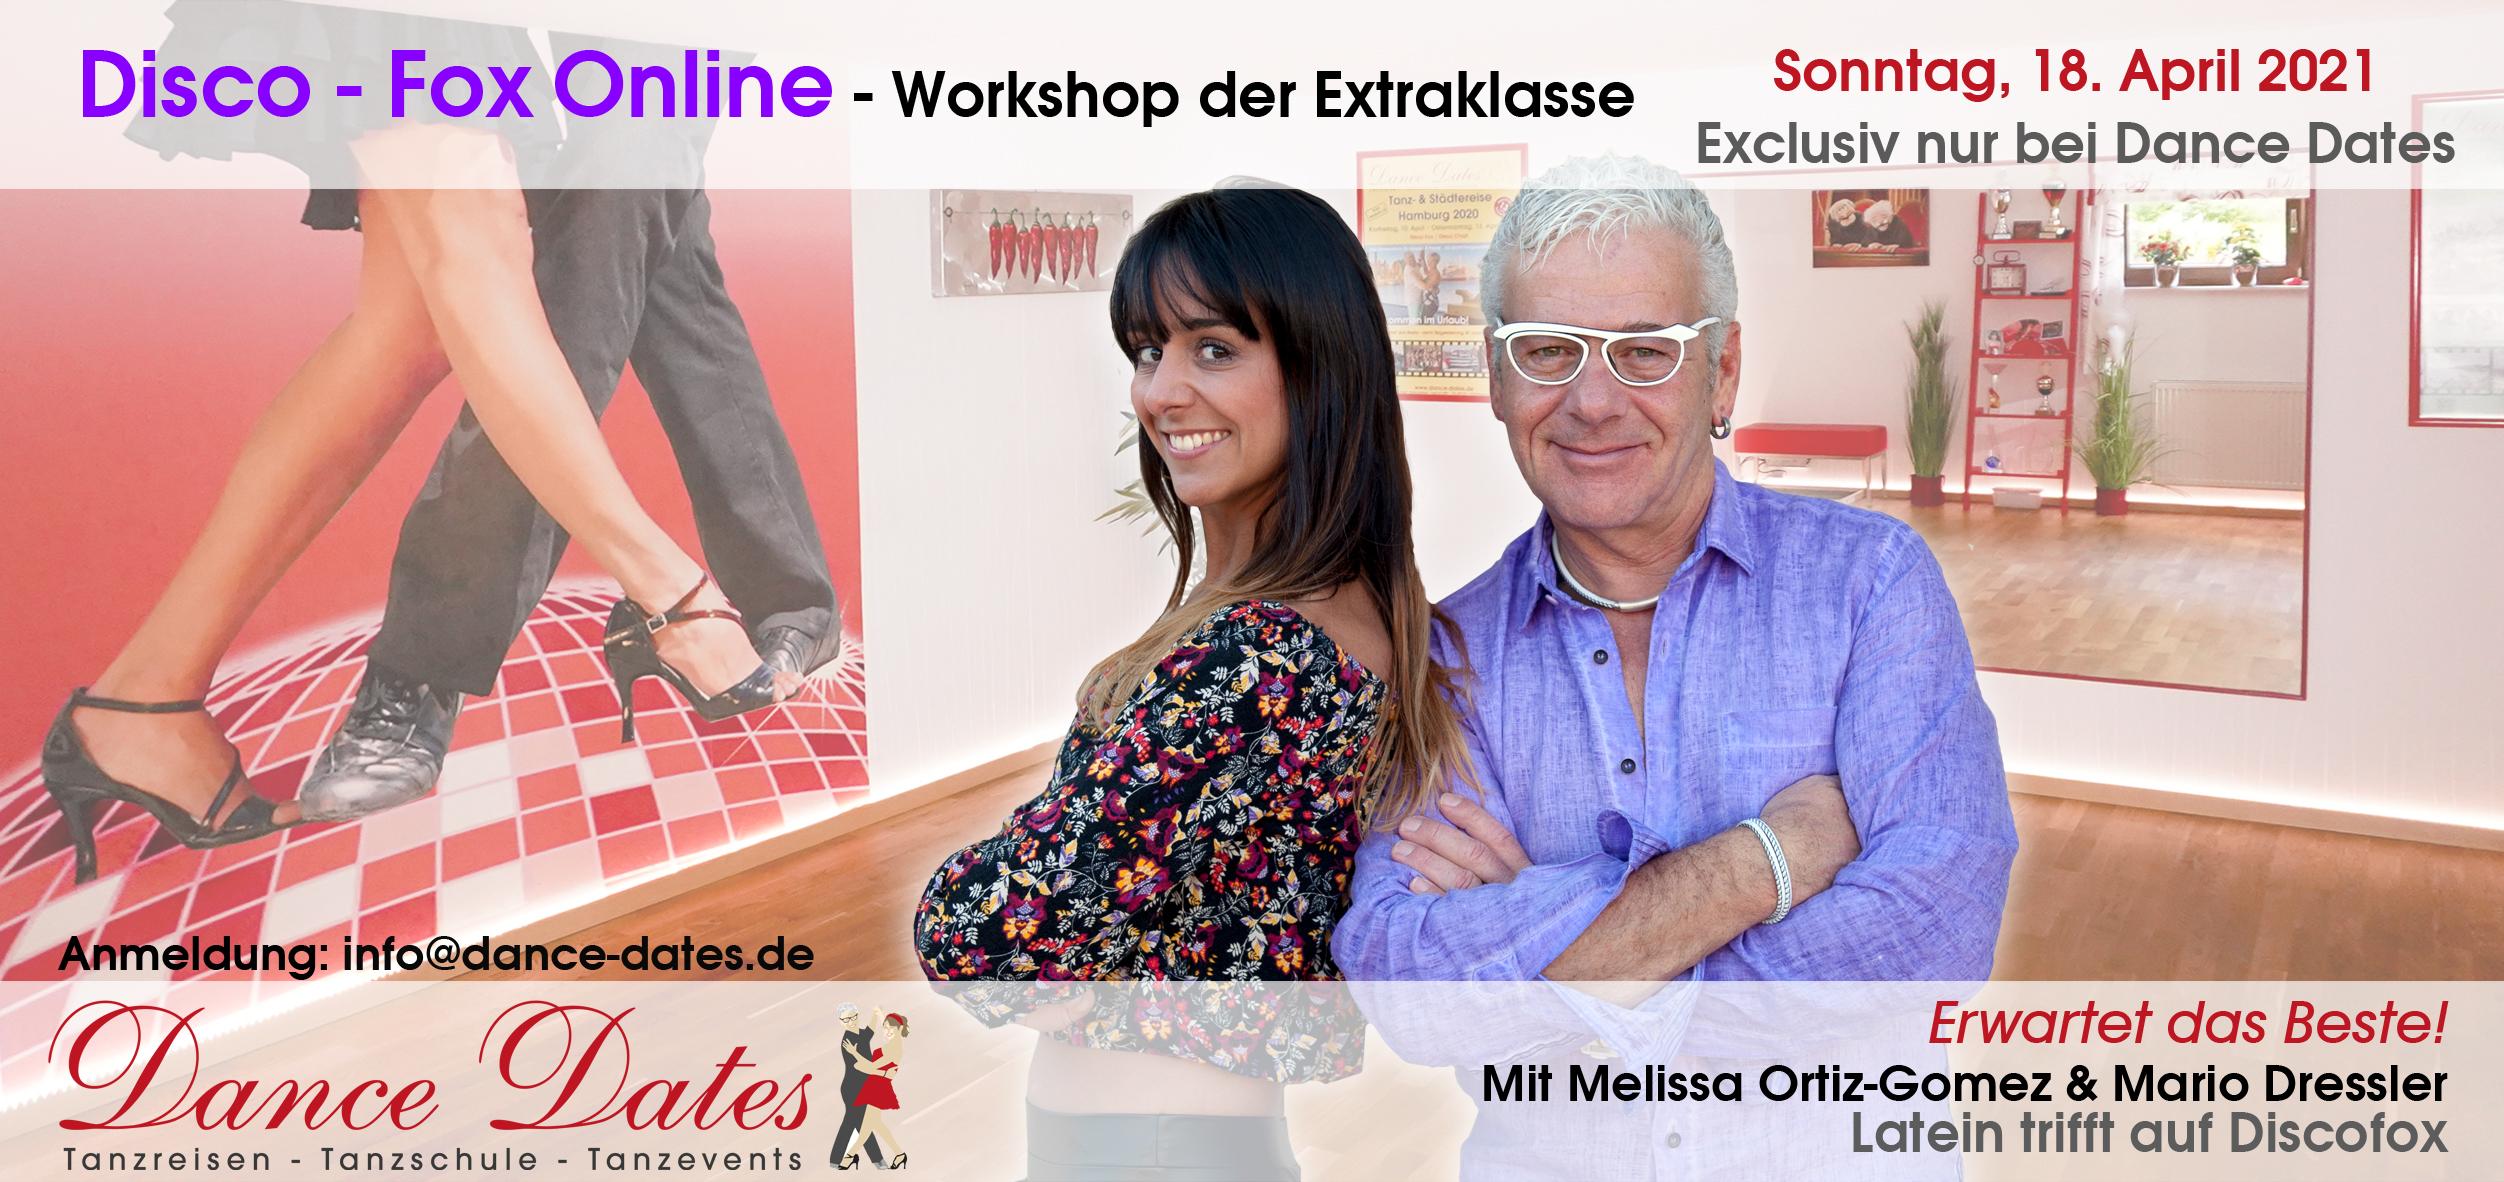 Disco-Fox-Workshop der Extraklasse – zum ersten Mal Online